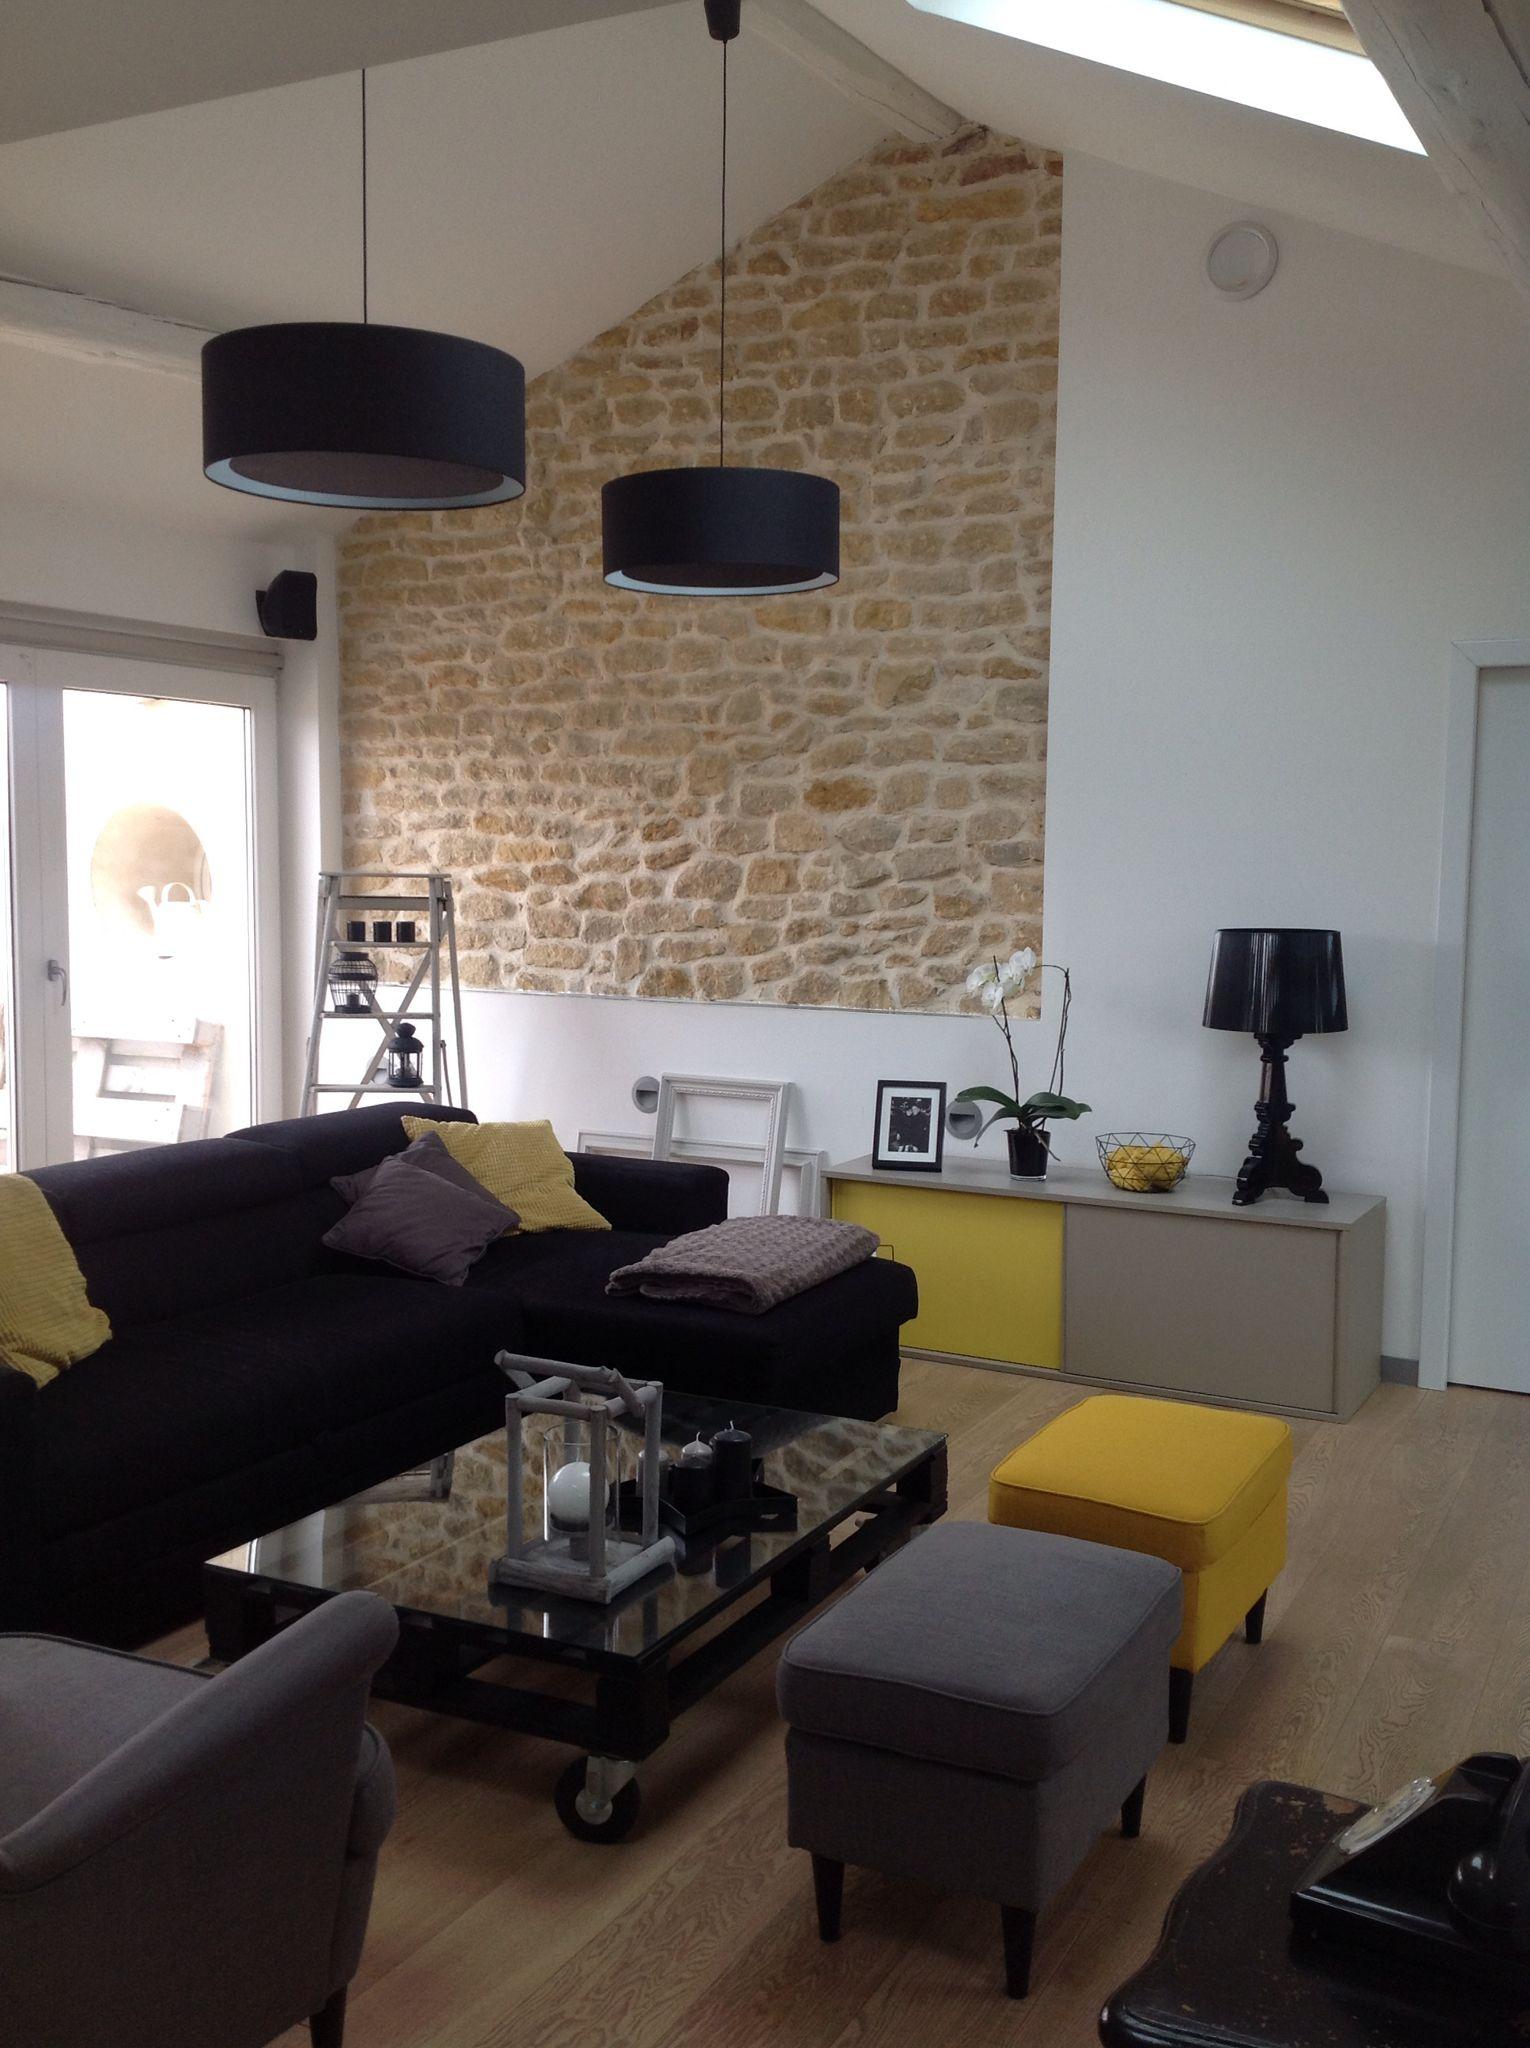 salon jaune et gris dco jaune table palette mur brique loft combles poutres notre loft